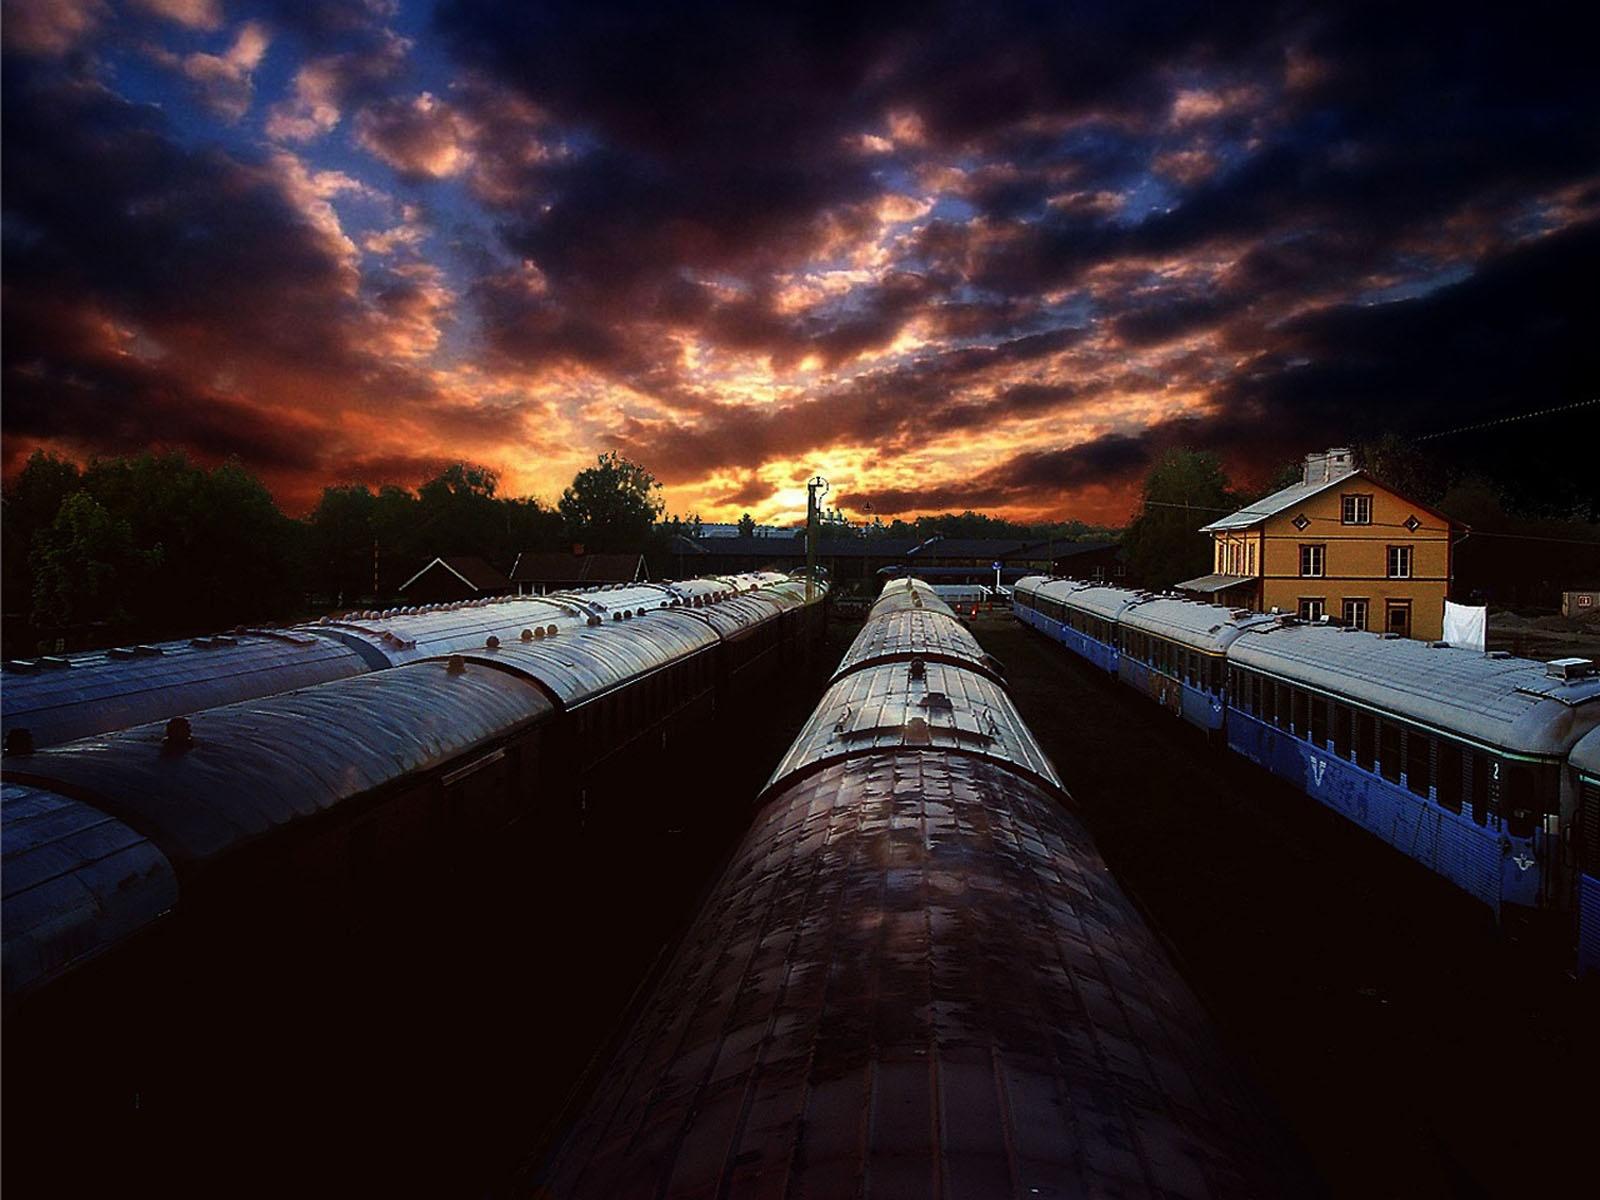 Train wallpaper 88598 1600x1200